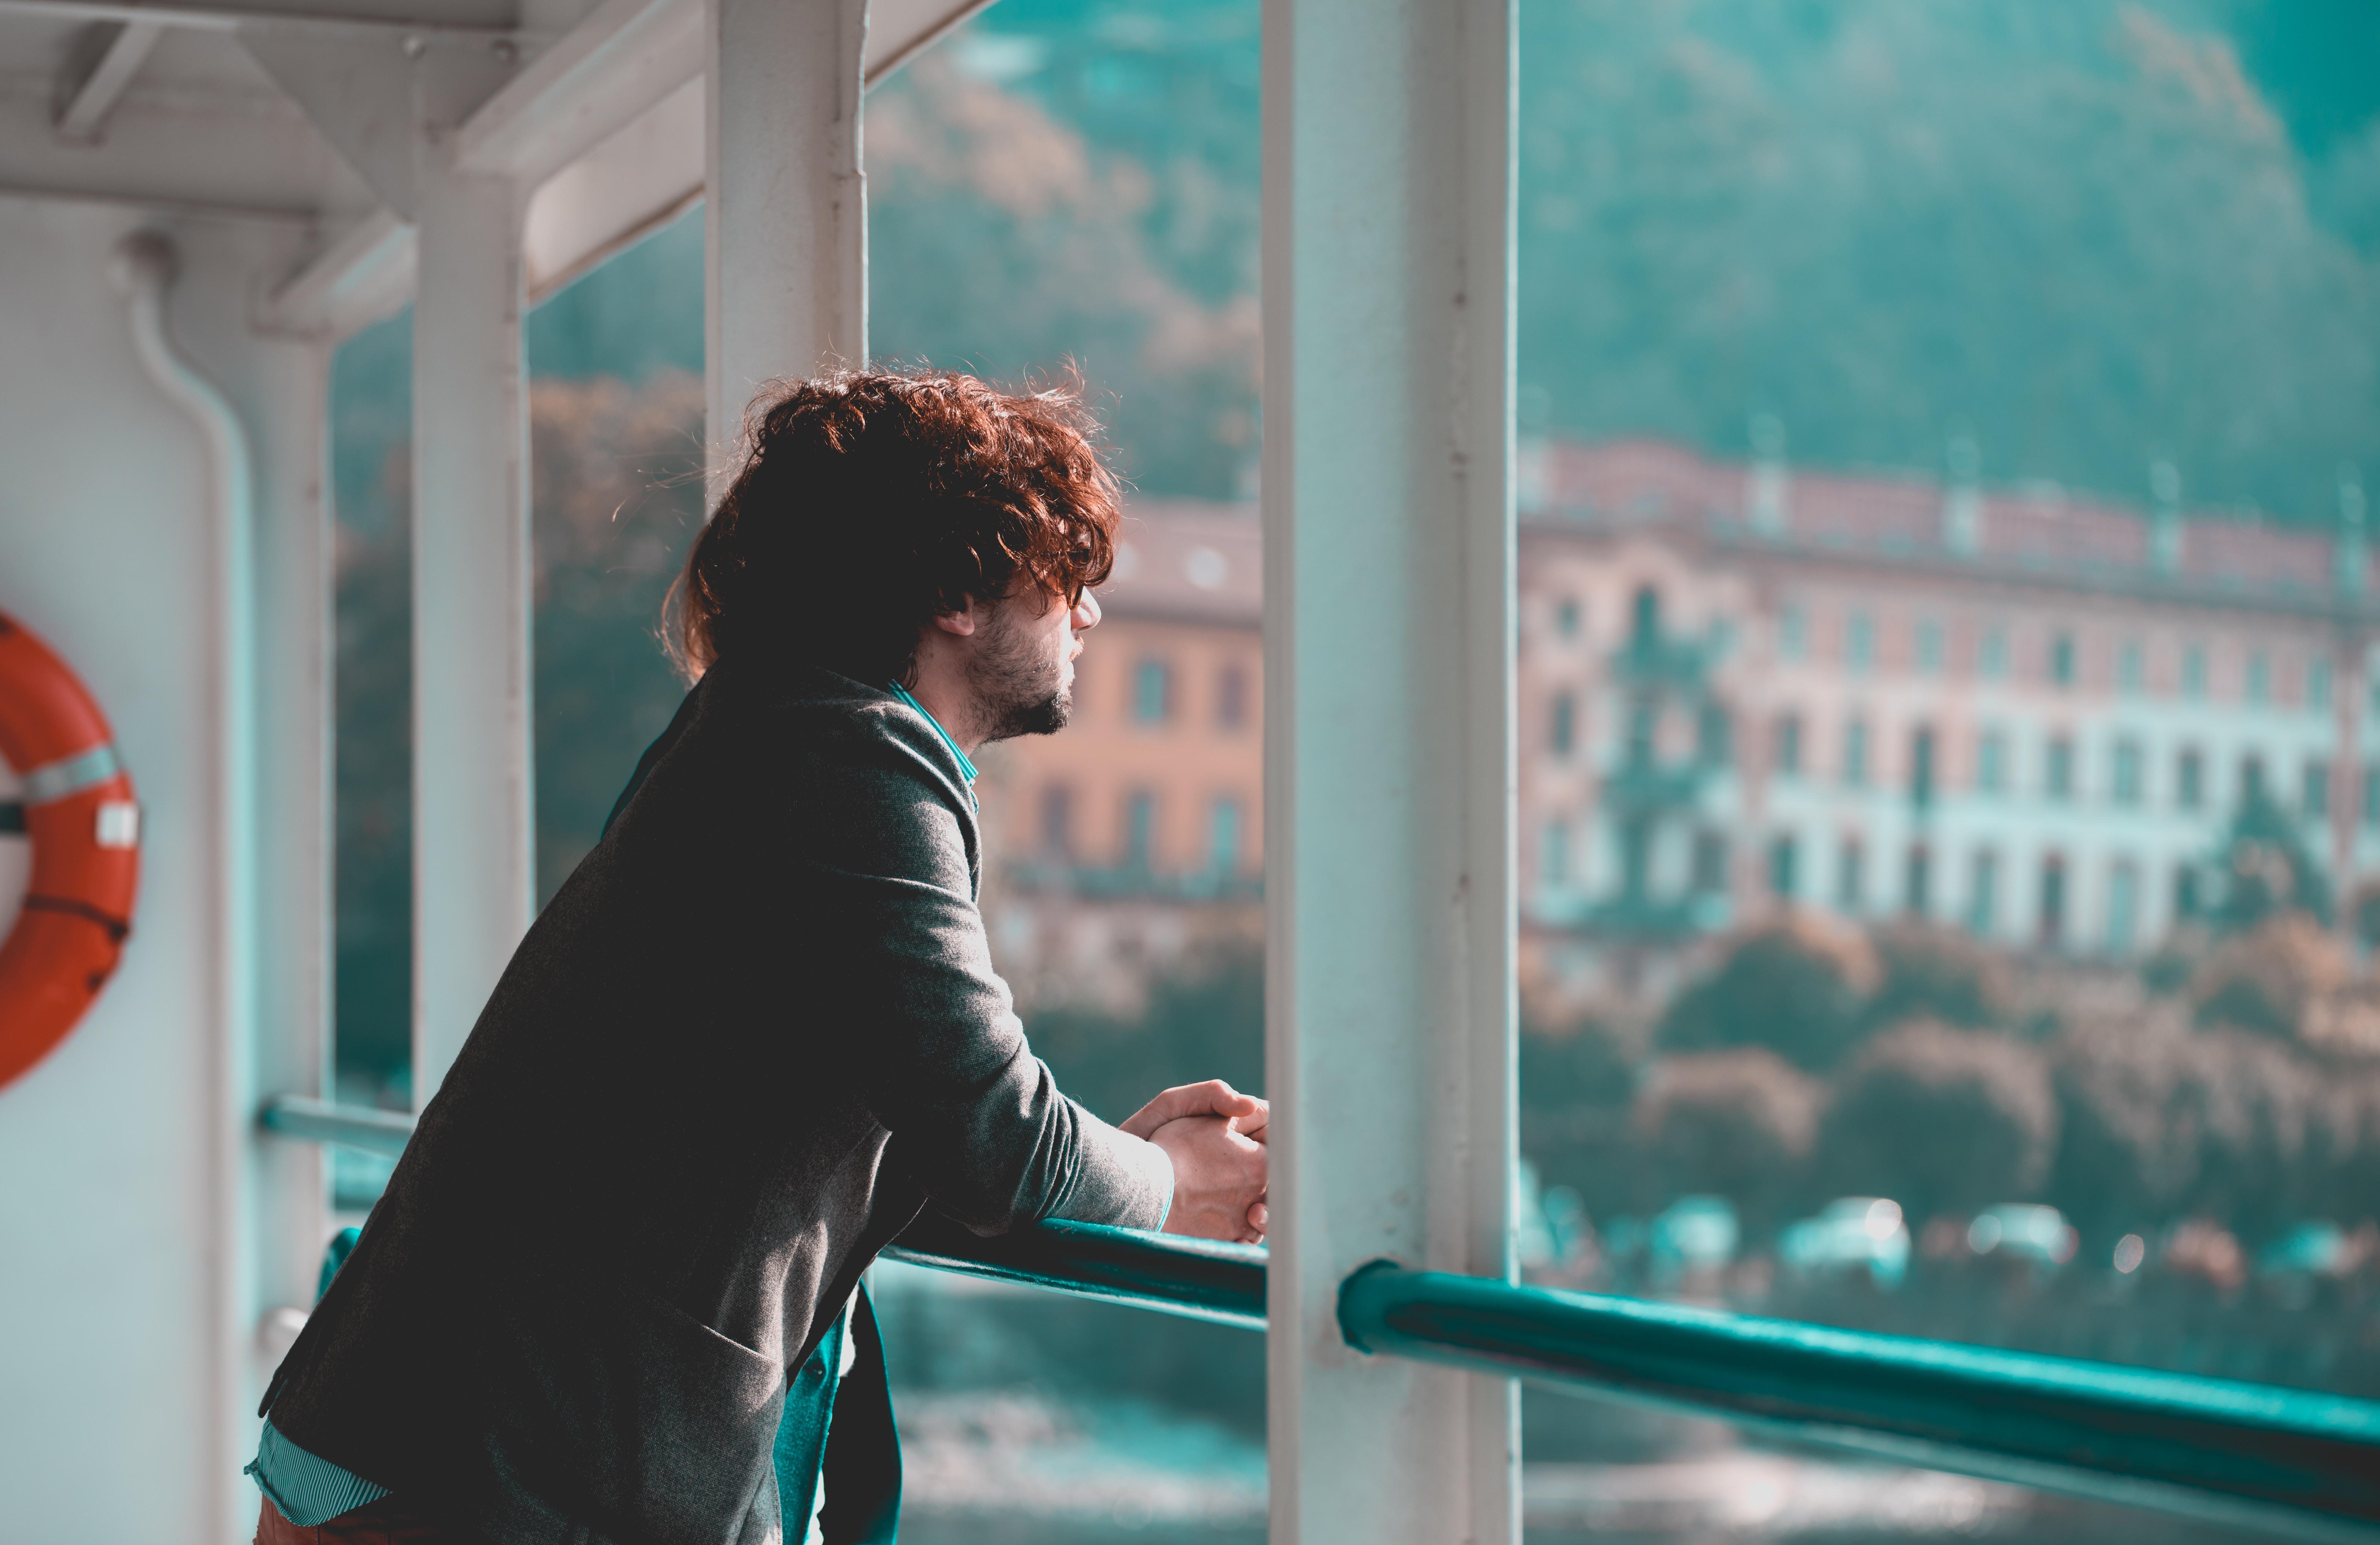 man sight seeing on window